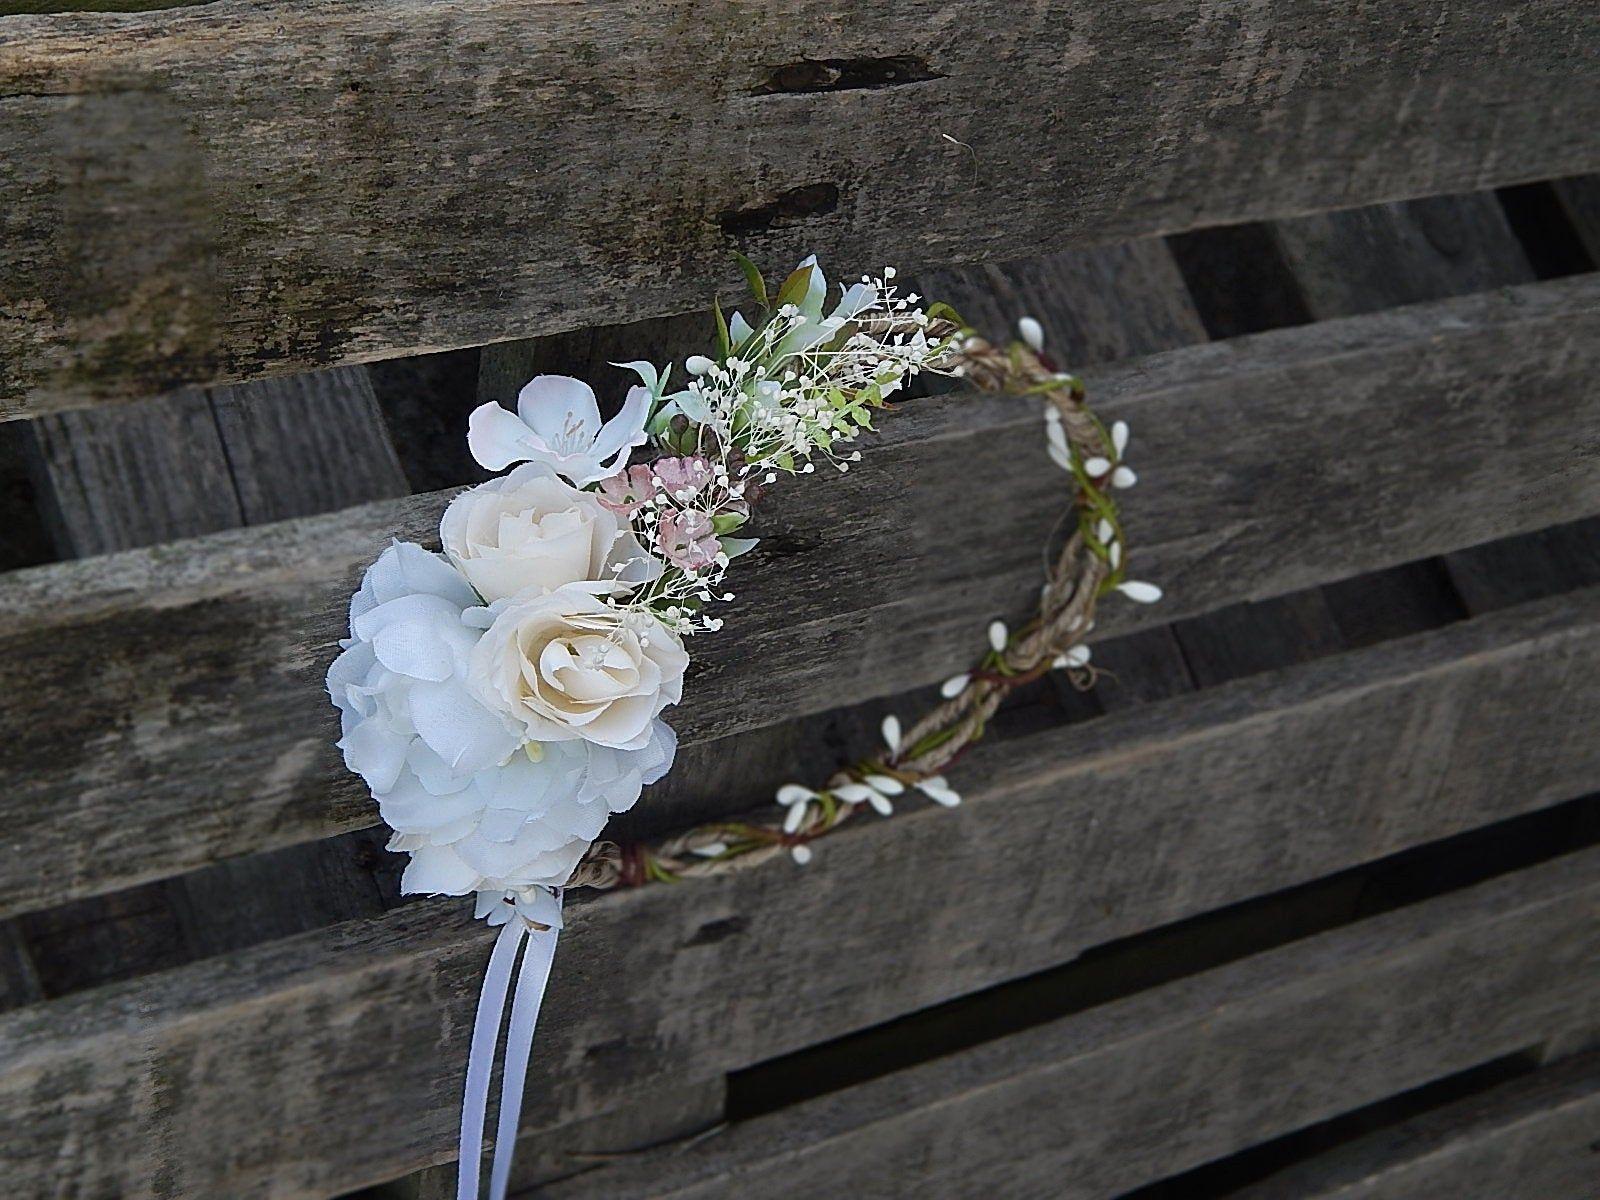 Wianek Na Glowe Opaska Kwiaty Do Wlosow Kwiatowy Wianek Slub Etsy Wedding Hair Wreath Hair Wreath Wedding Hairstyles